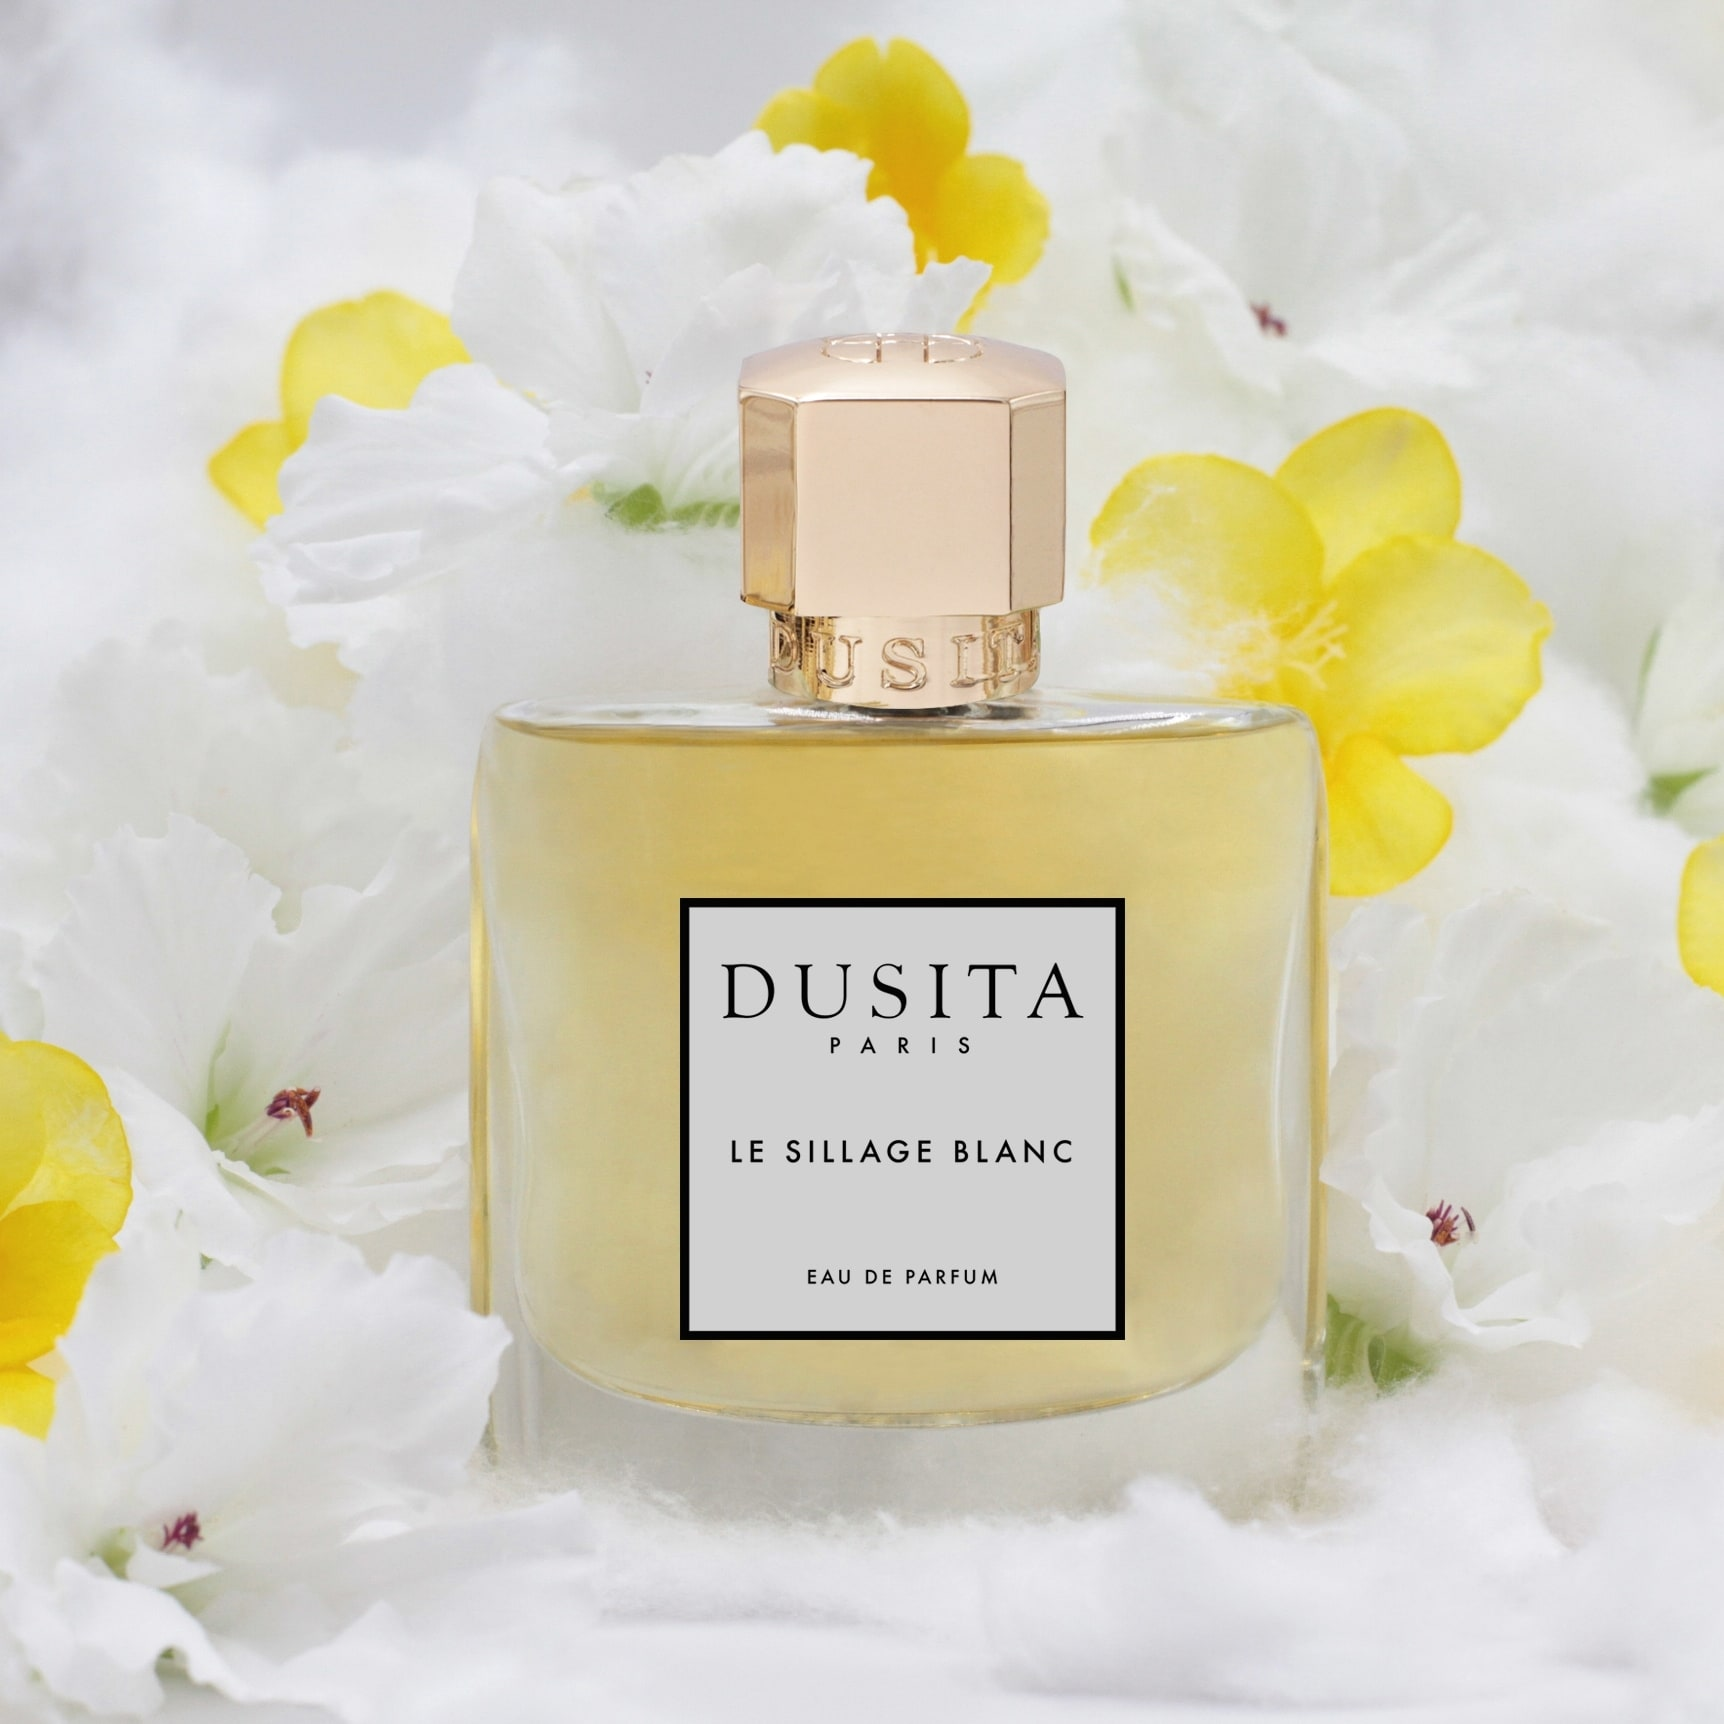 perfume-dusita-le-sillage-blanc-1